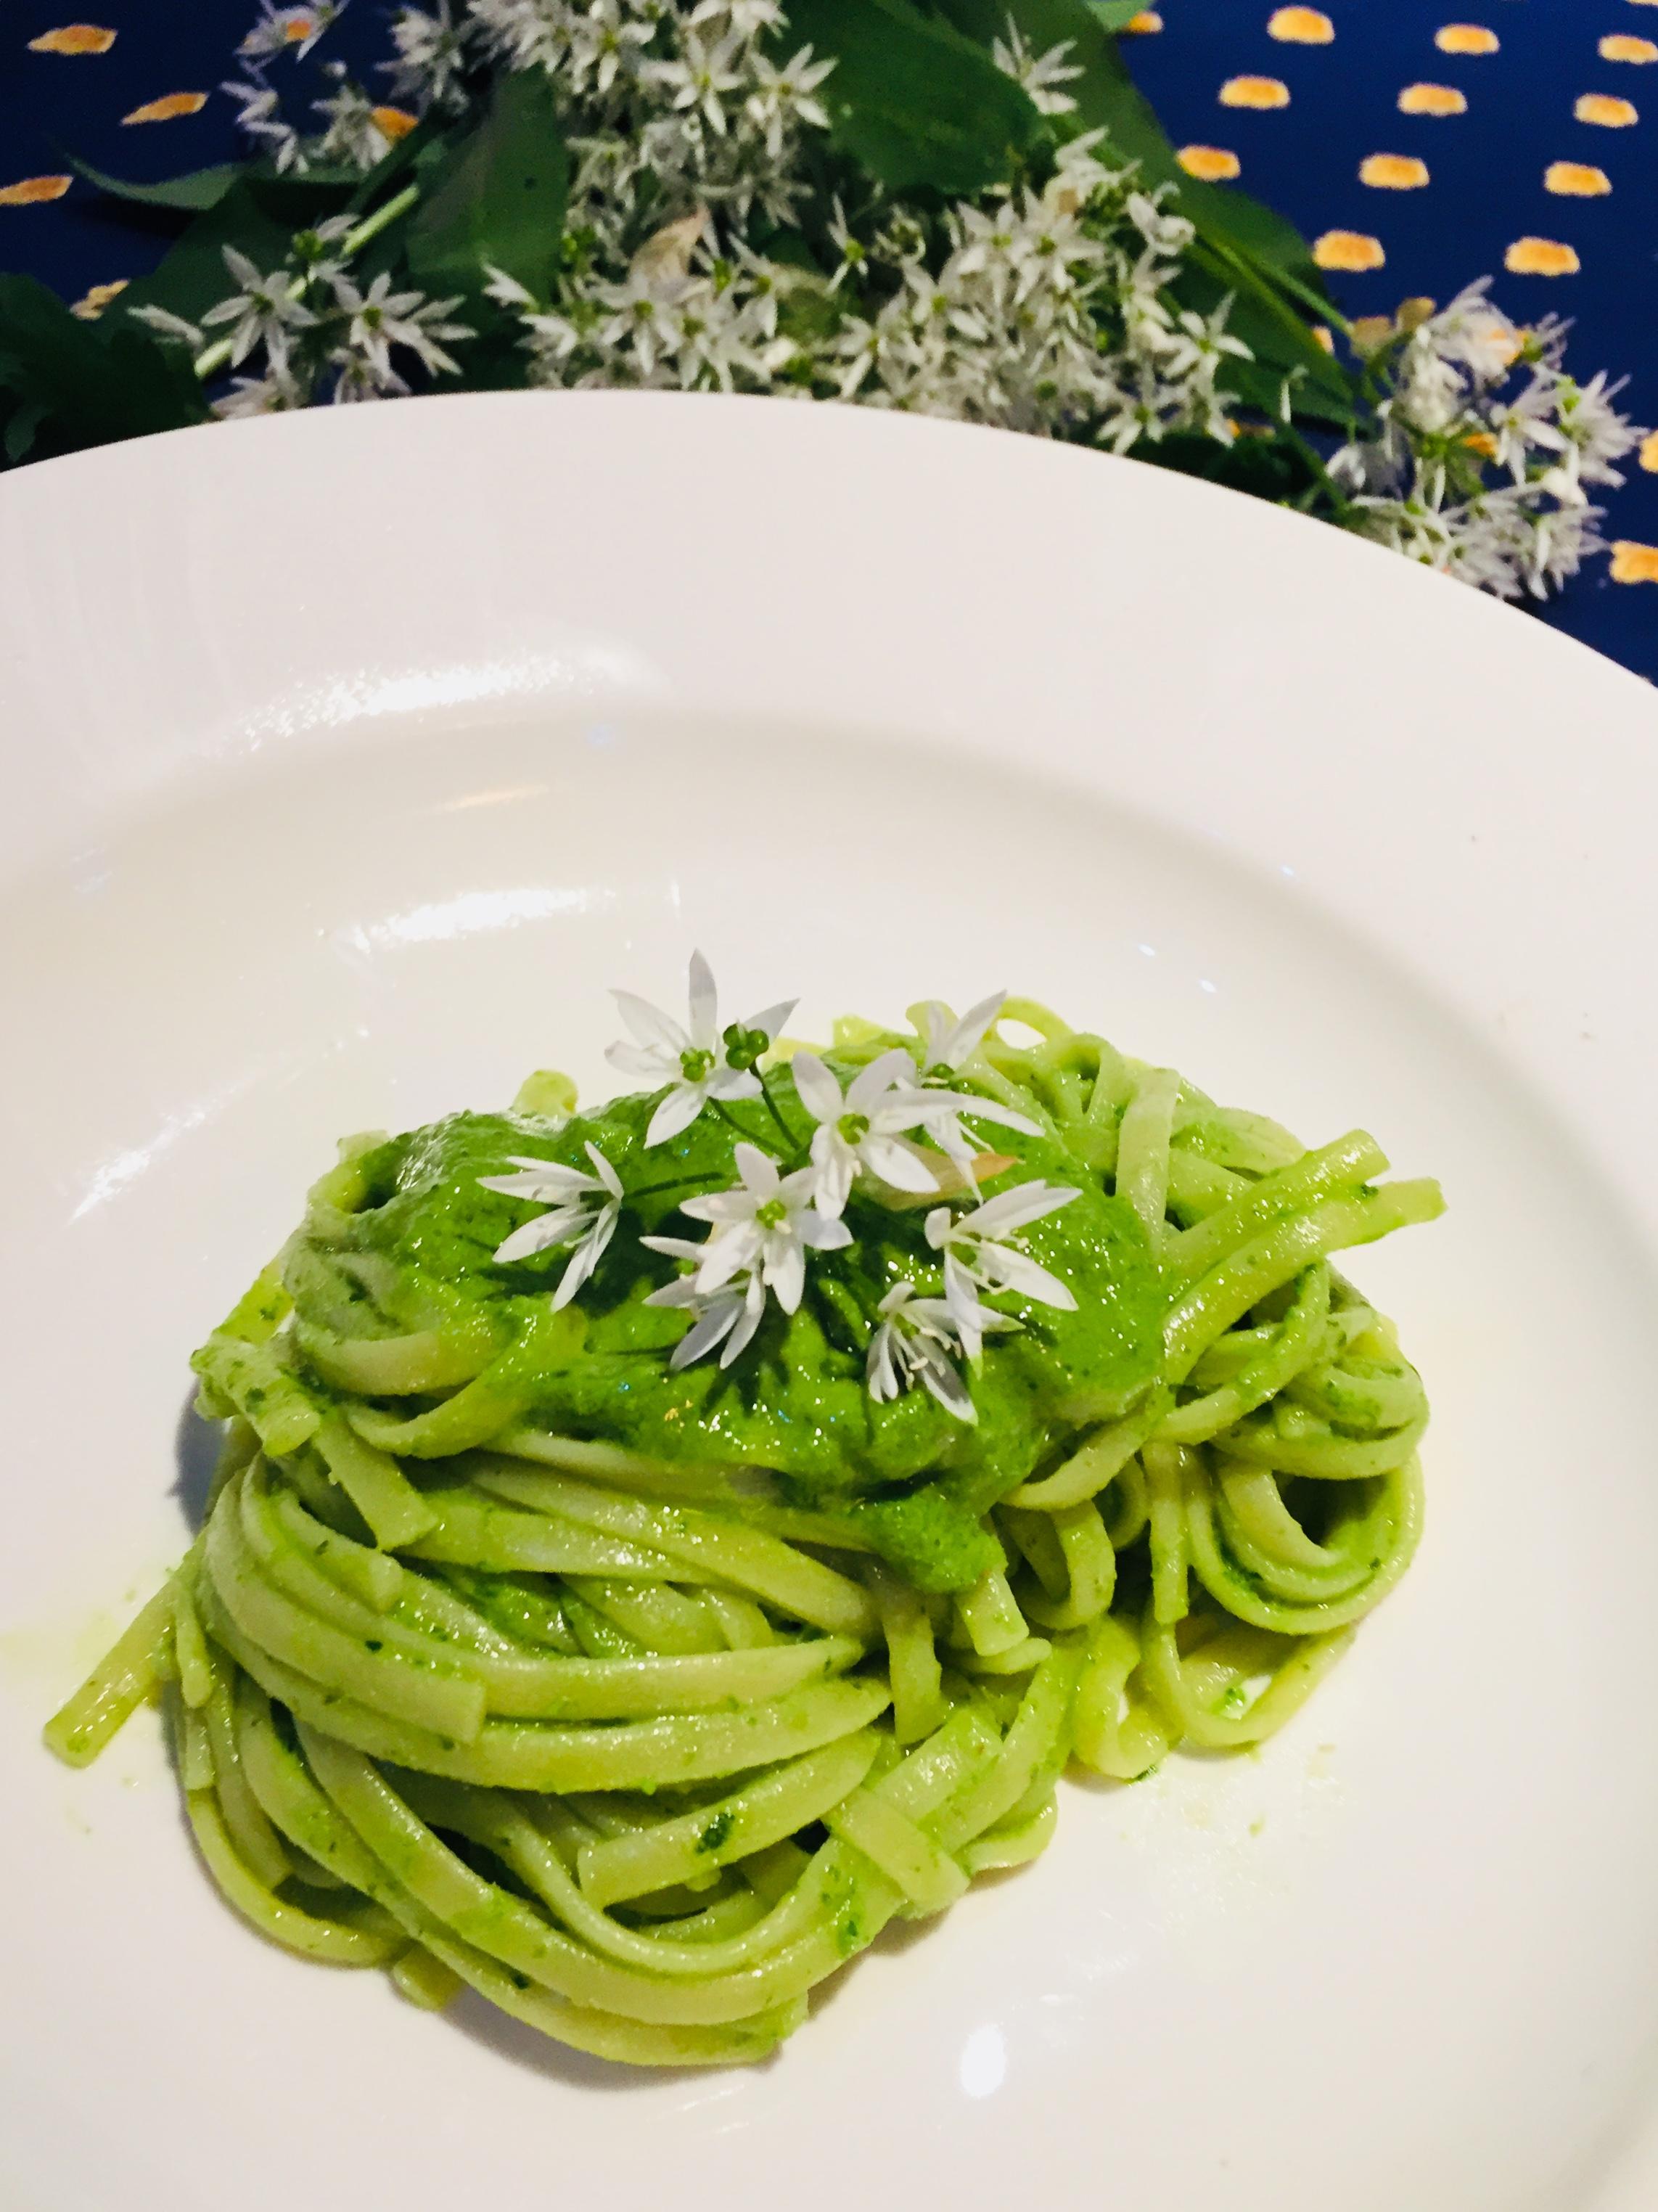 Trenette al pesto di aglio orsino – Ricette veloci dopo lavoro After work  quick recipes